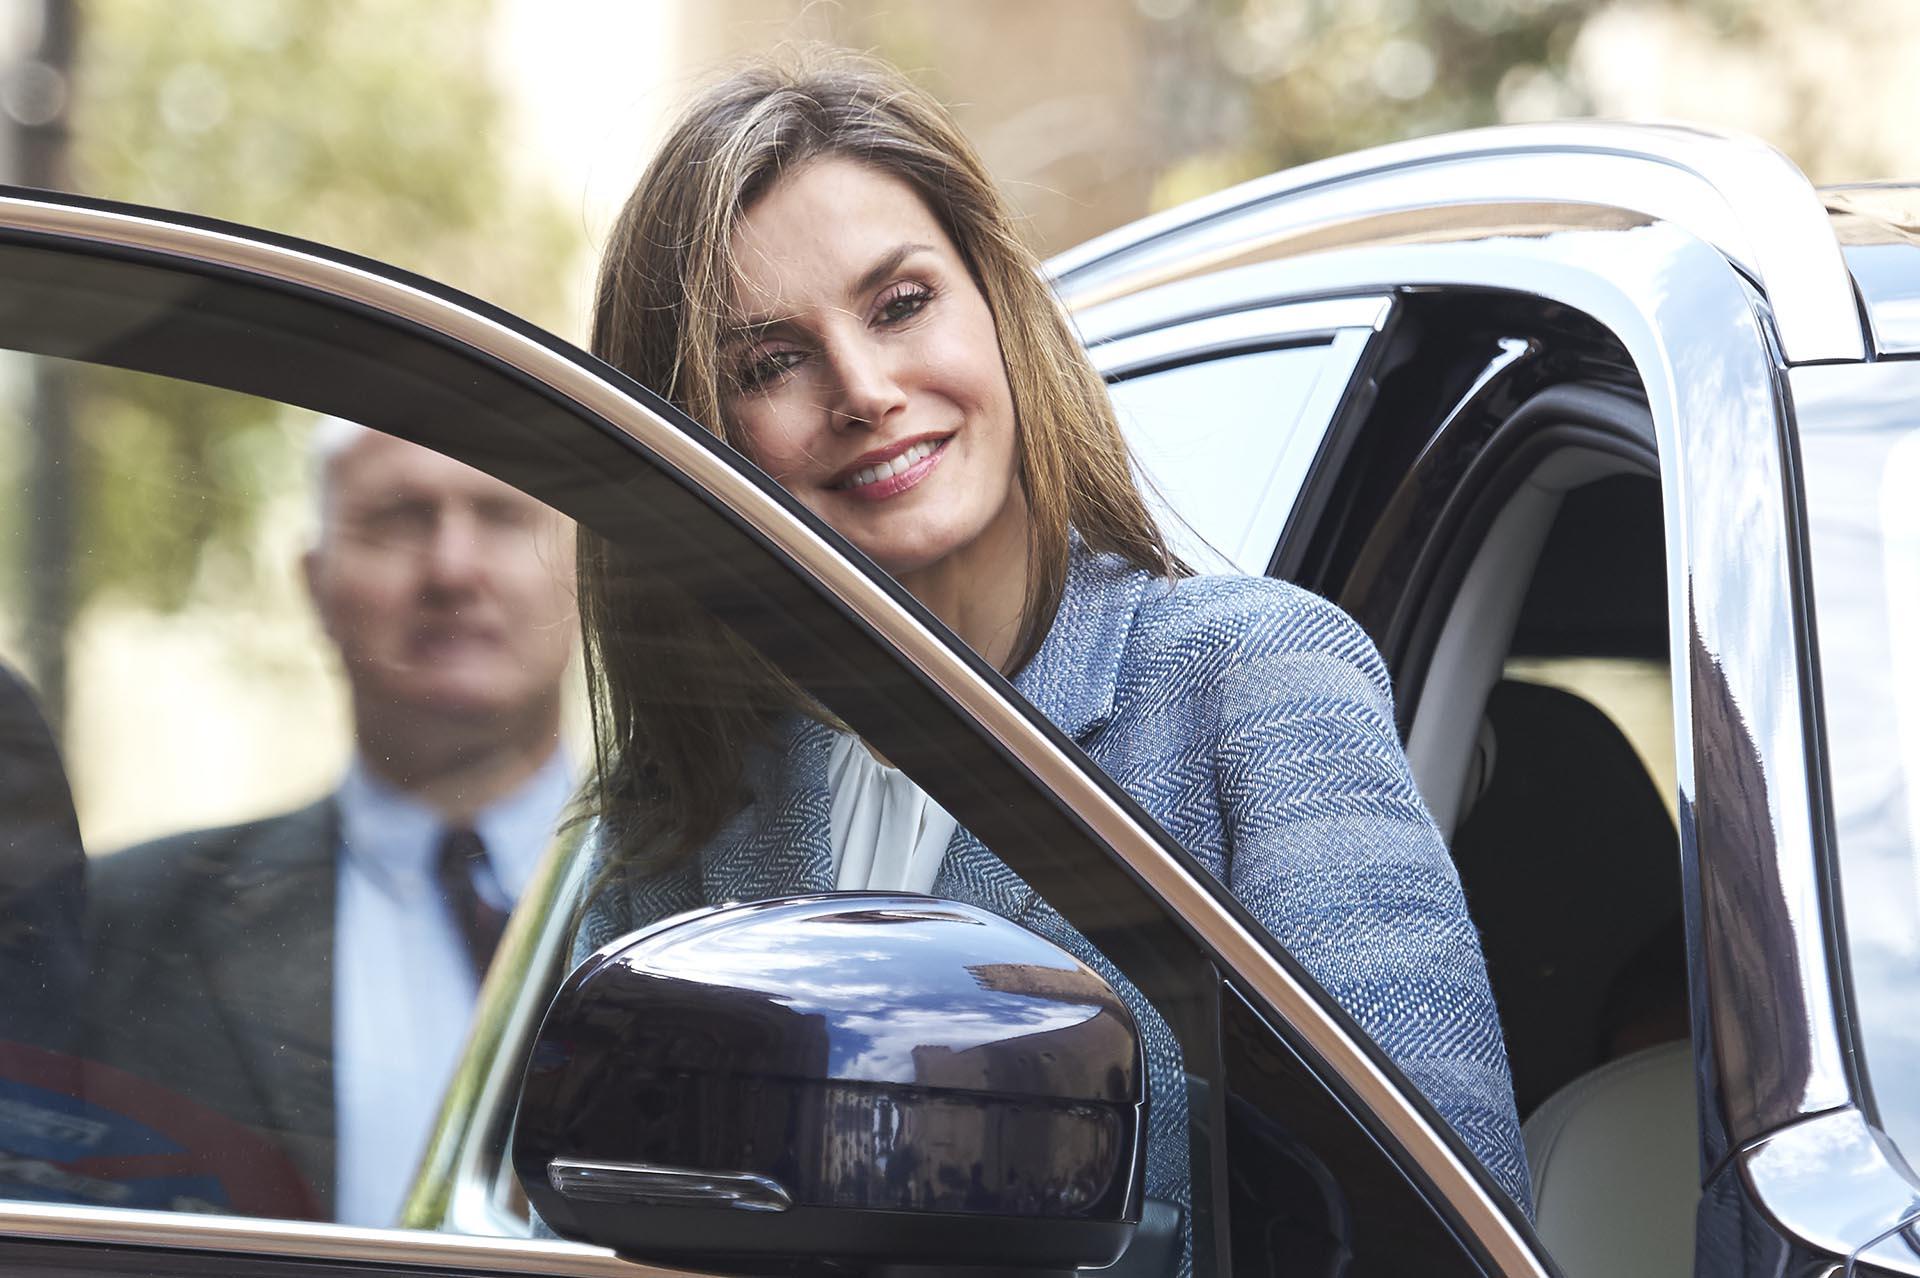 La reina Letizia desciende de la camioneta conducida por su marido